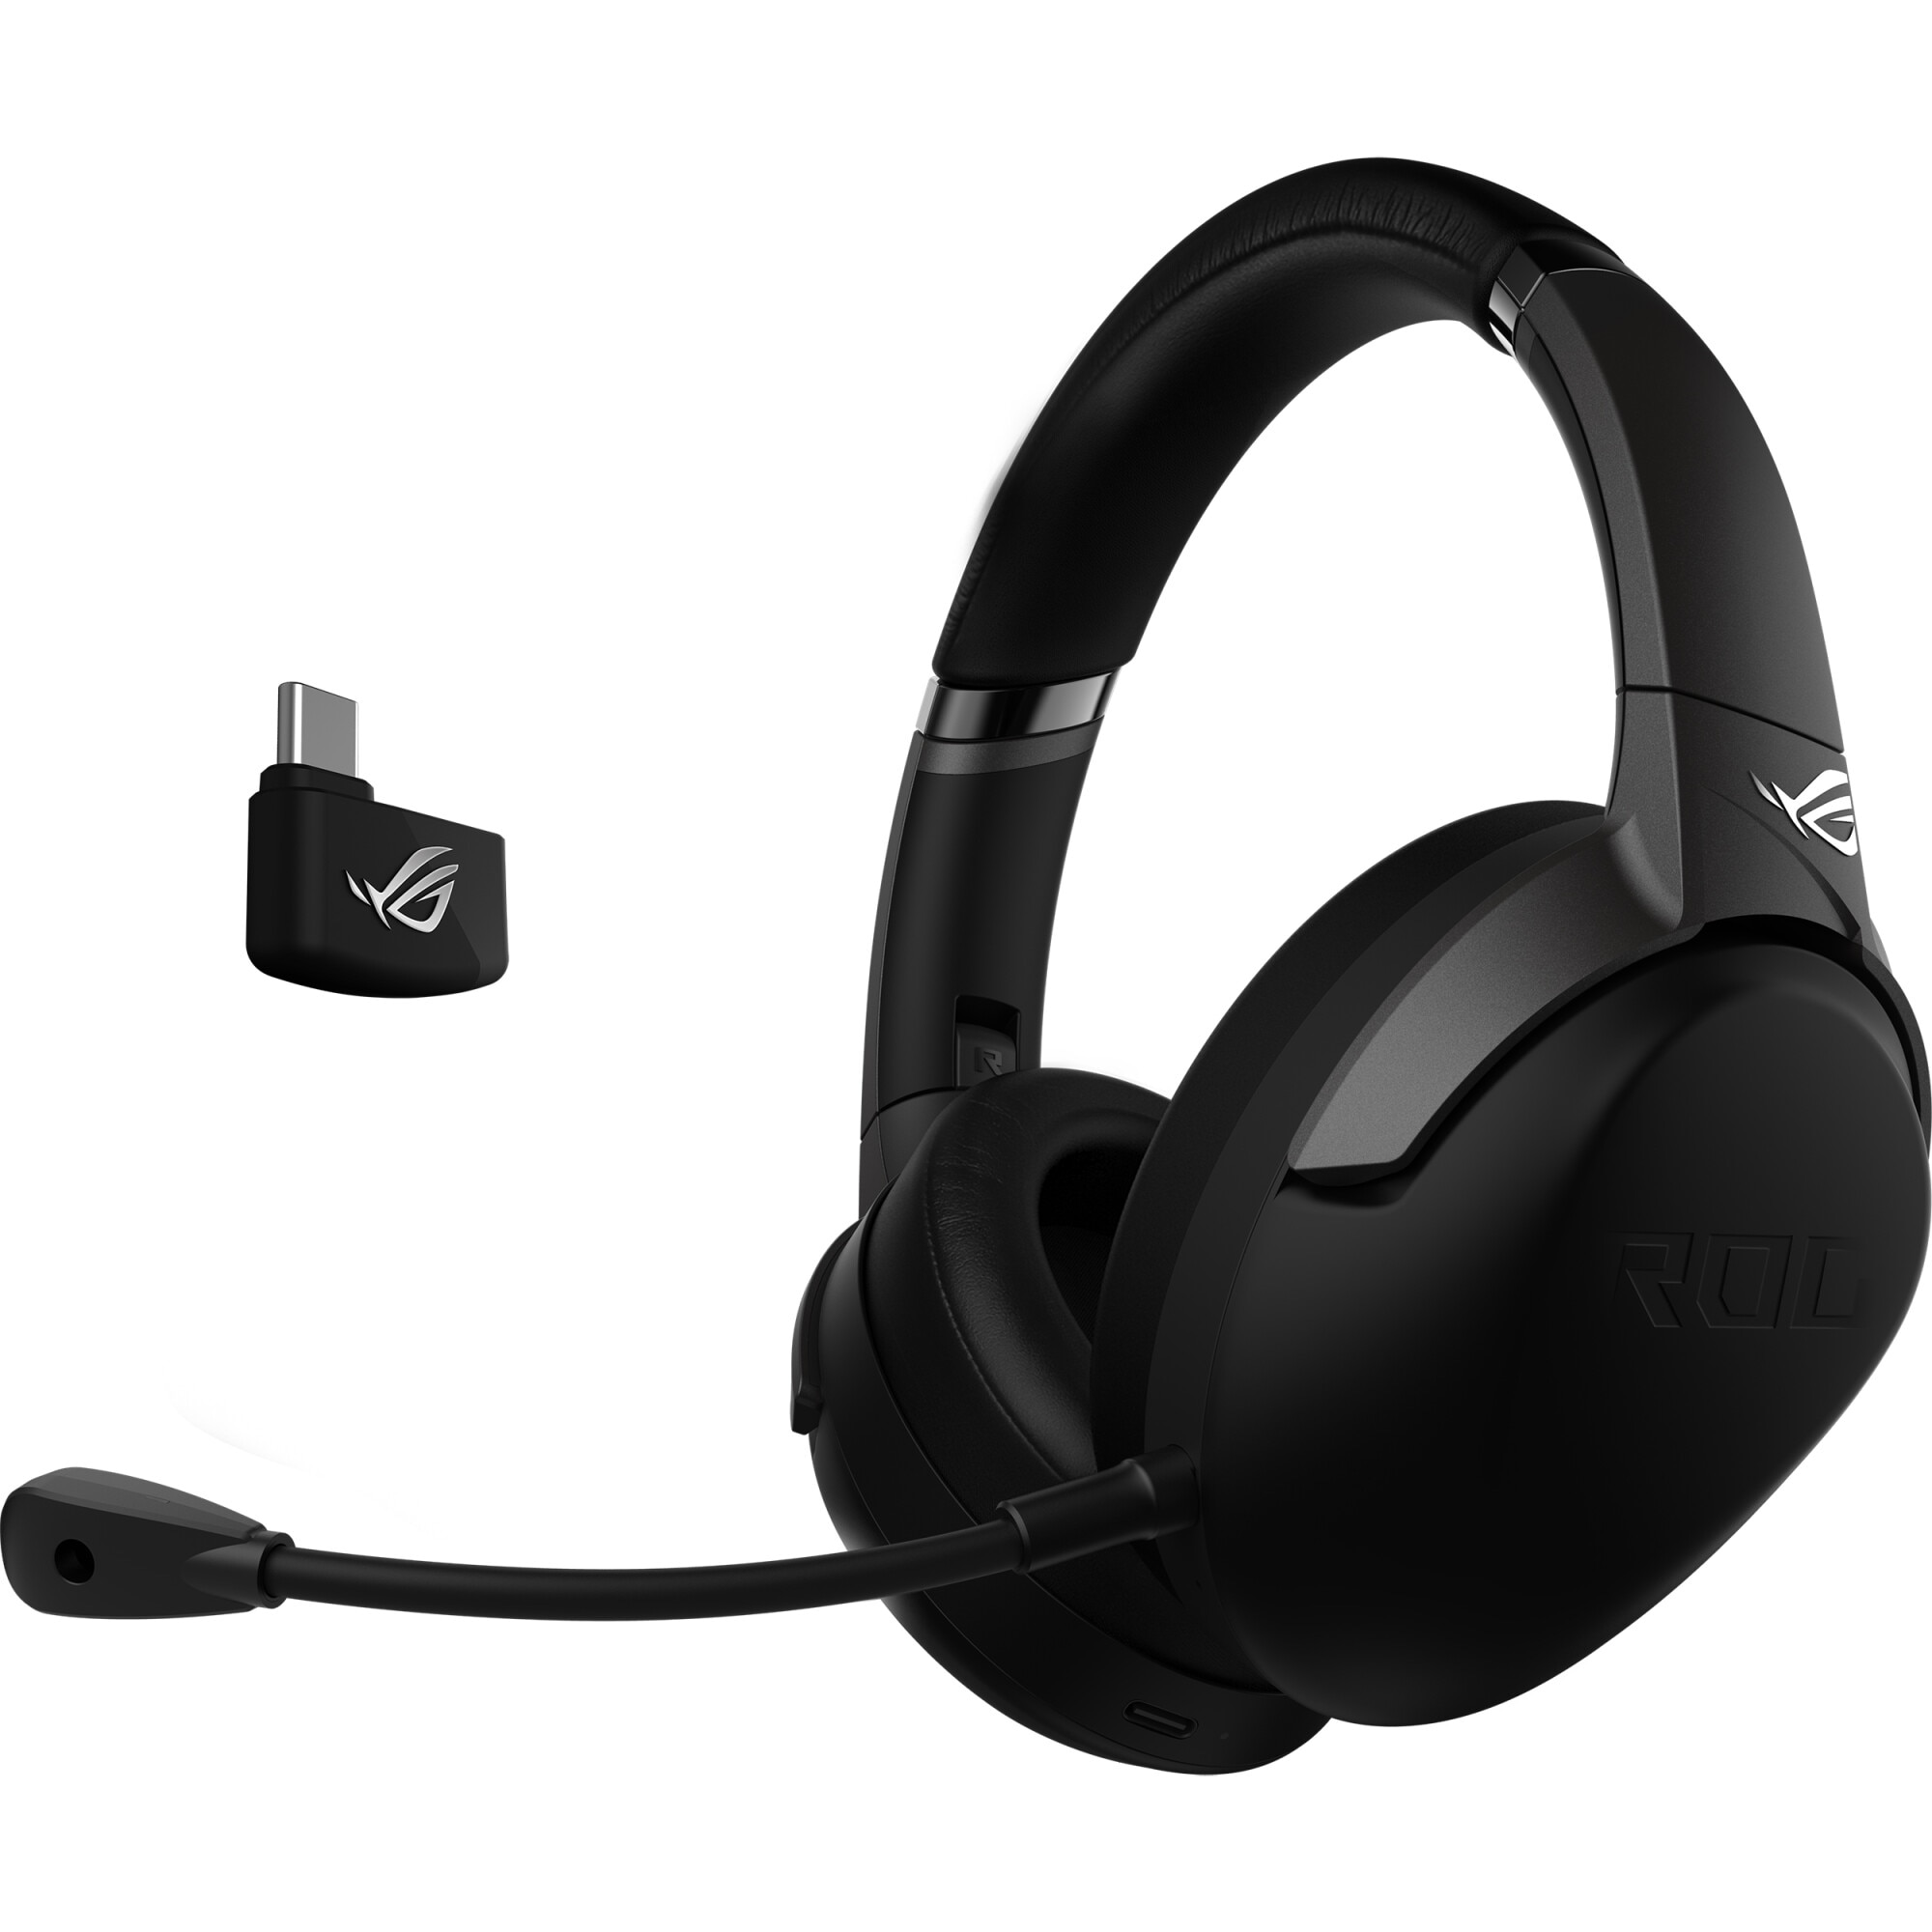 Fotografie Casti gaming wireless ASUS ROG Strix GO 2.4, microfon AI pentru anularea zgomotului, difuzoare ASUS Essence 40mm, compatibile multiplatforma, 3.5mm/2.4GHz(USB-C/USB 2.0), pliabile, Negru